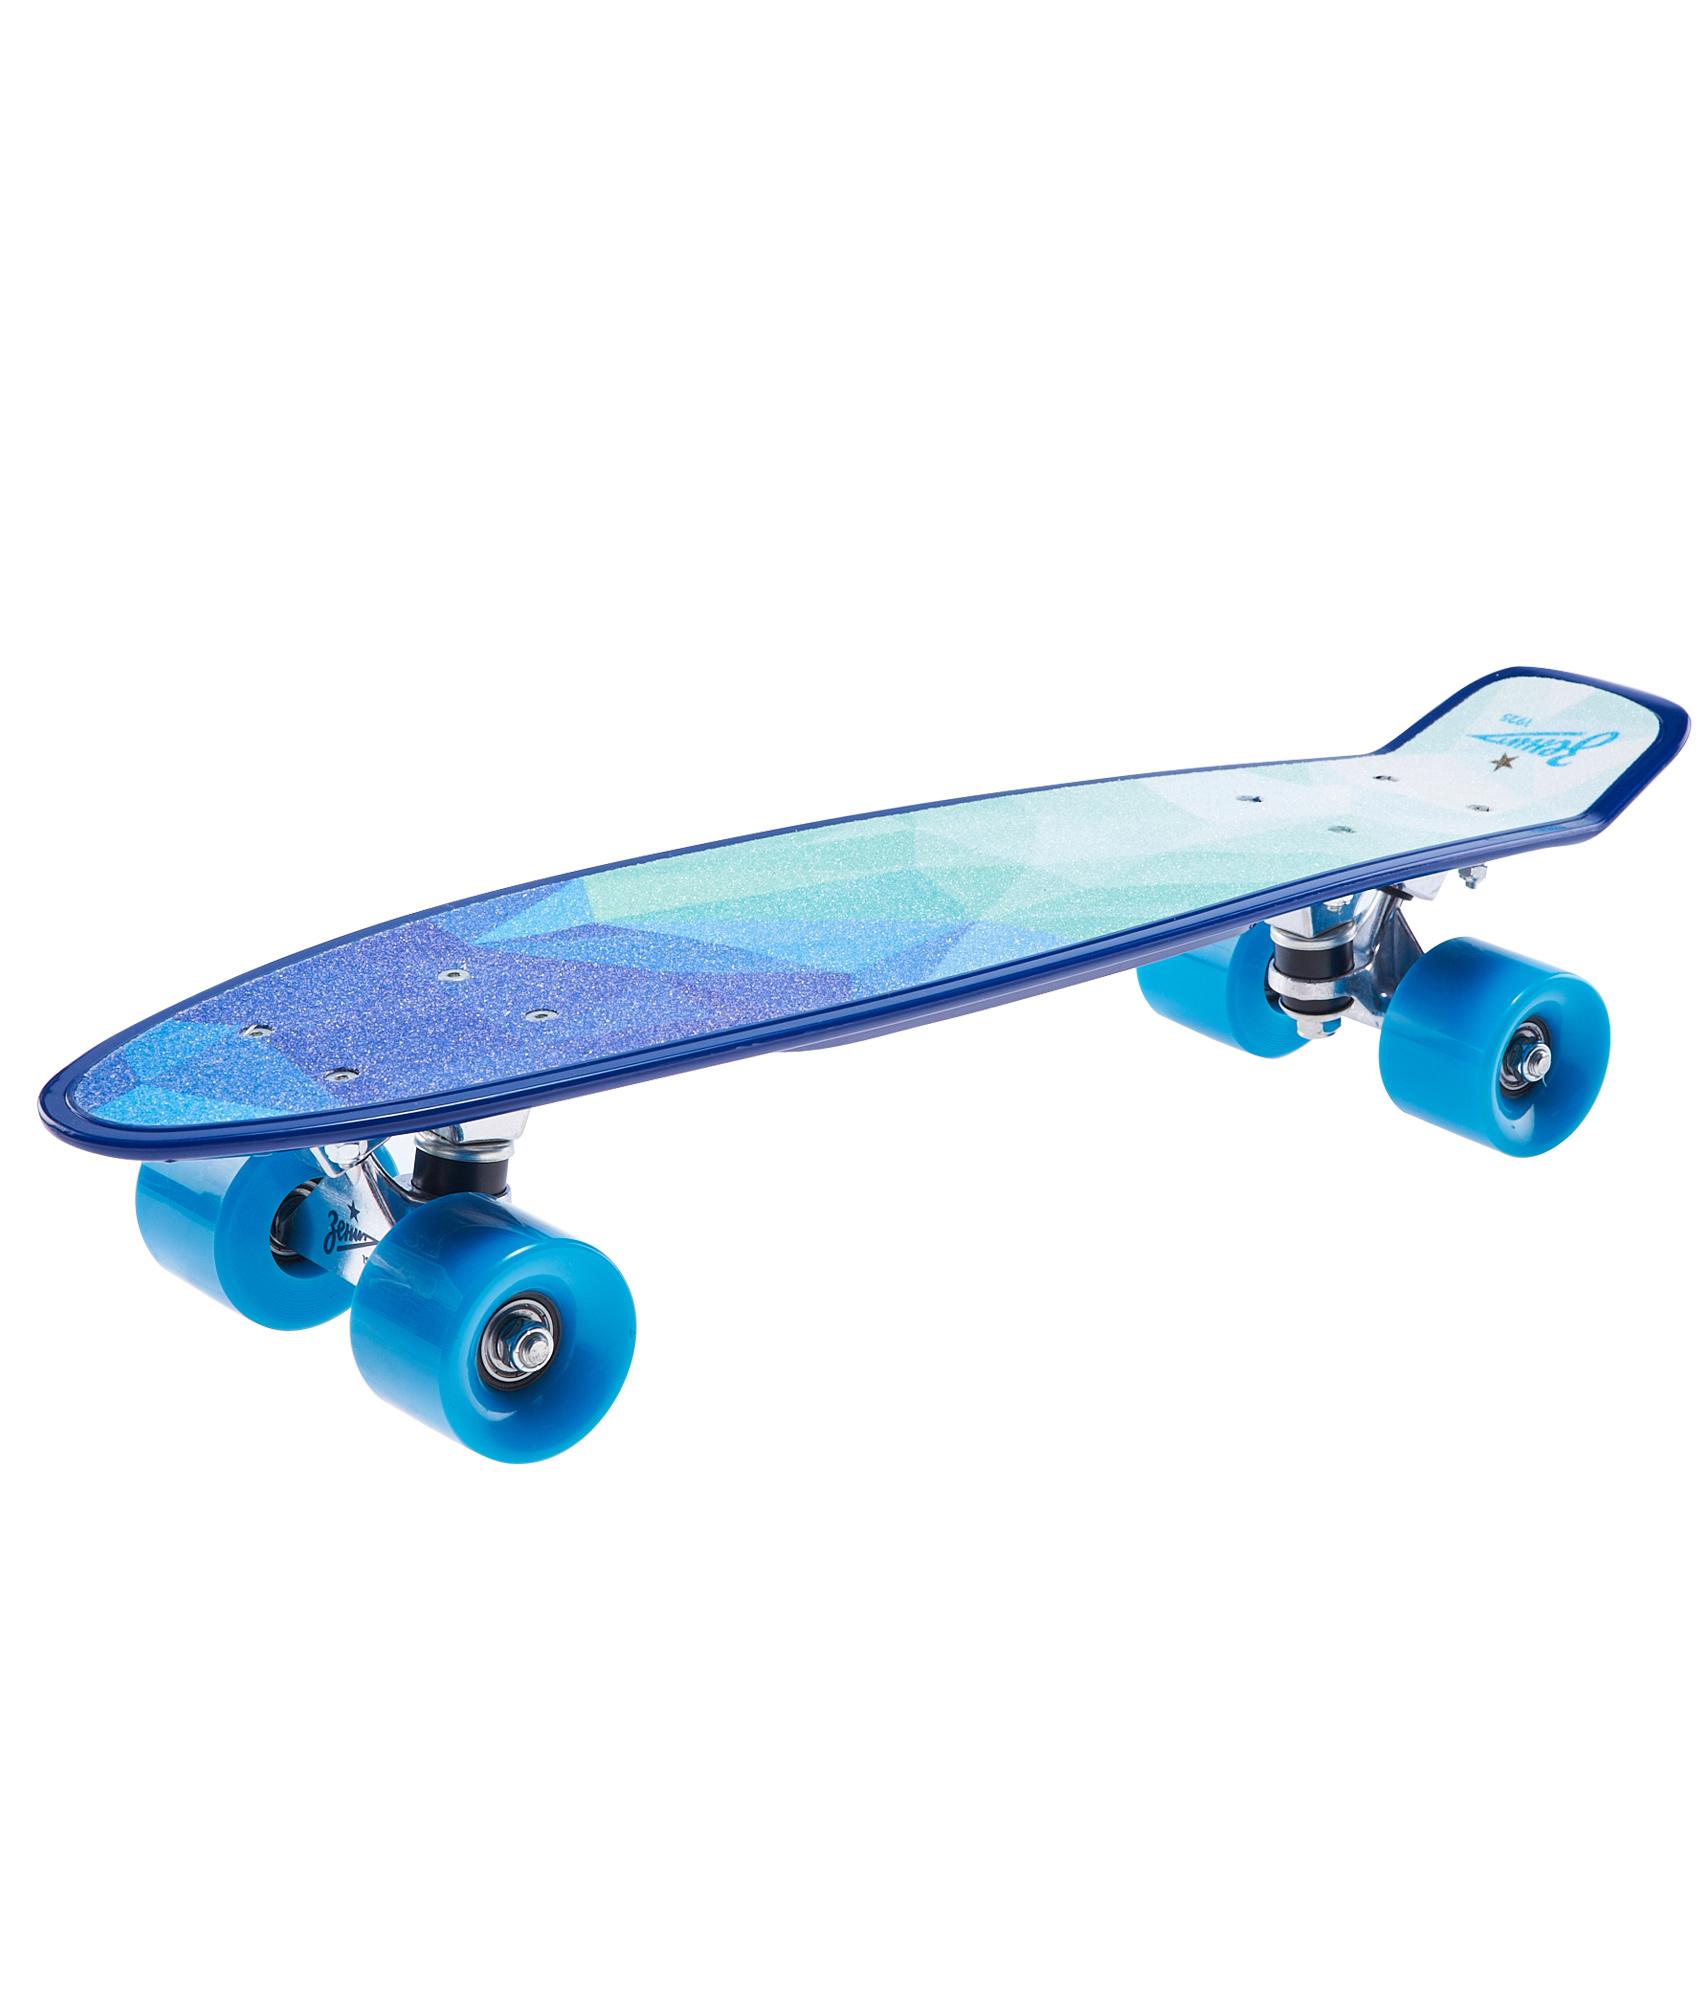 Скейтборд Зенит (22см* 6см) Зенит скейтборд с какого возраста можно начинать